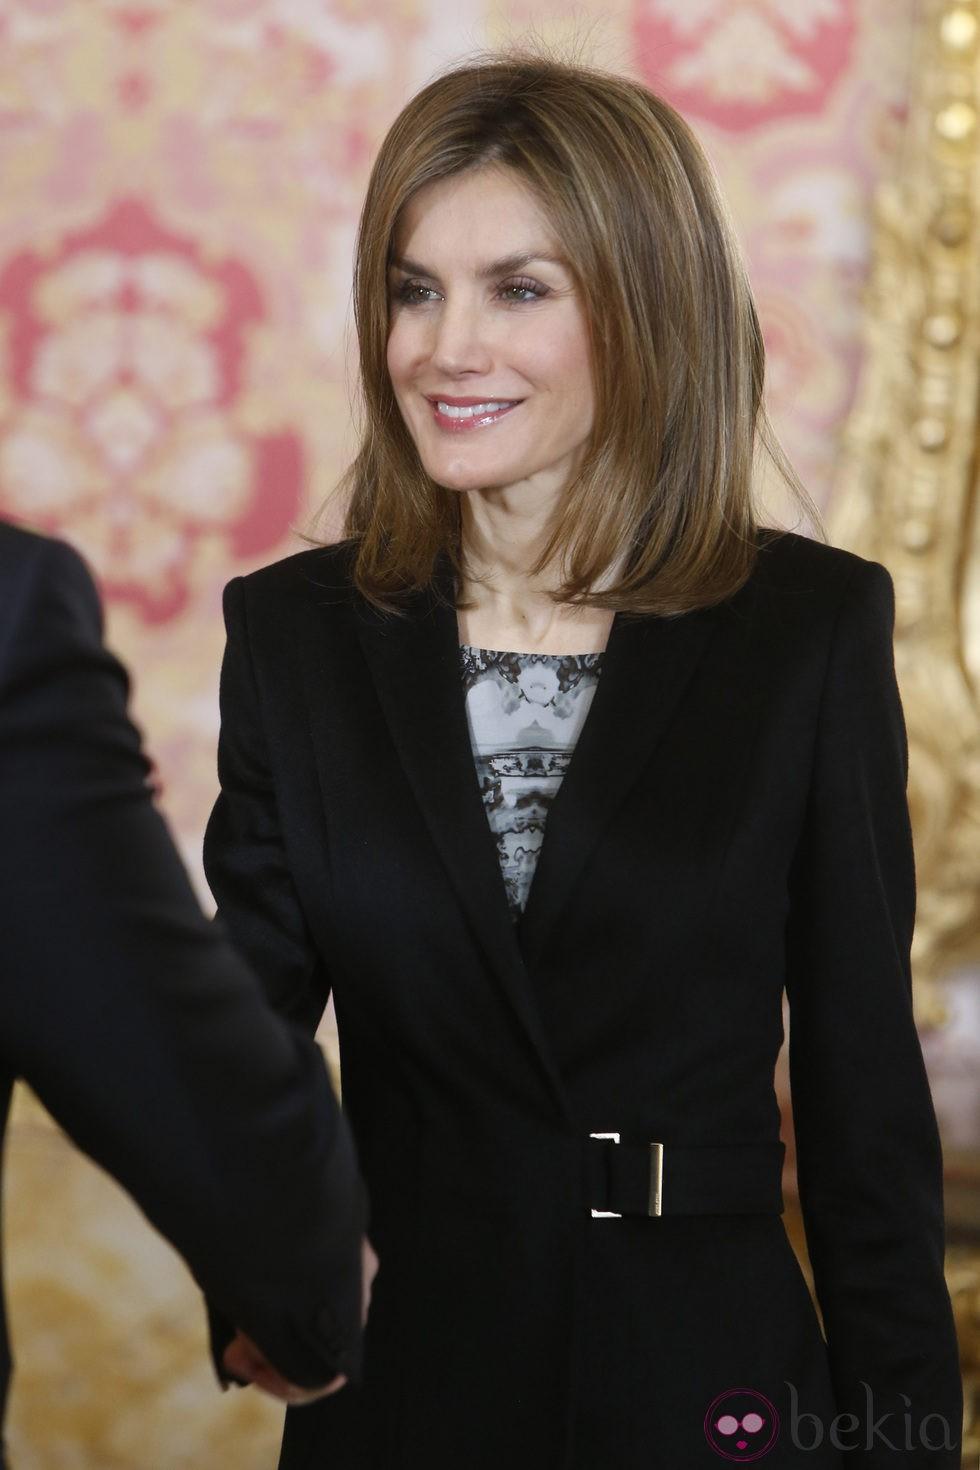 La Reina Letizia luciendo nuevo look durante una reunión en La Zarzuela